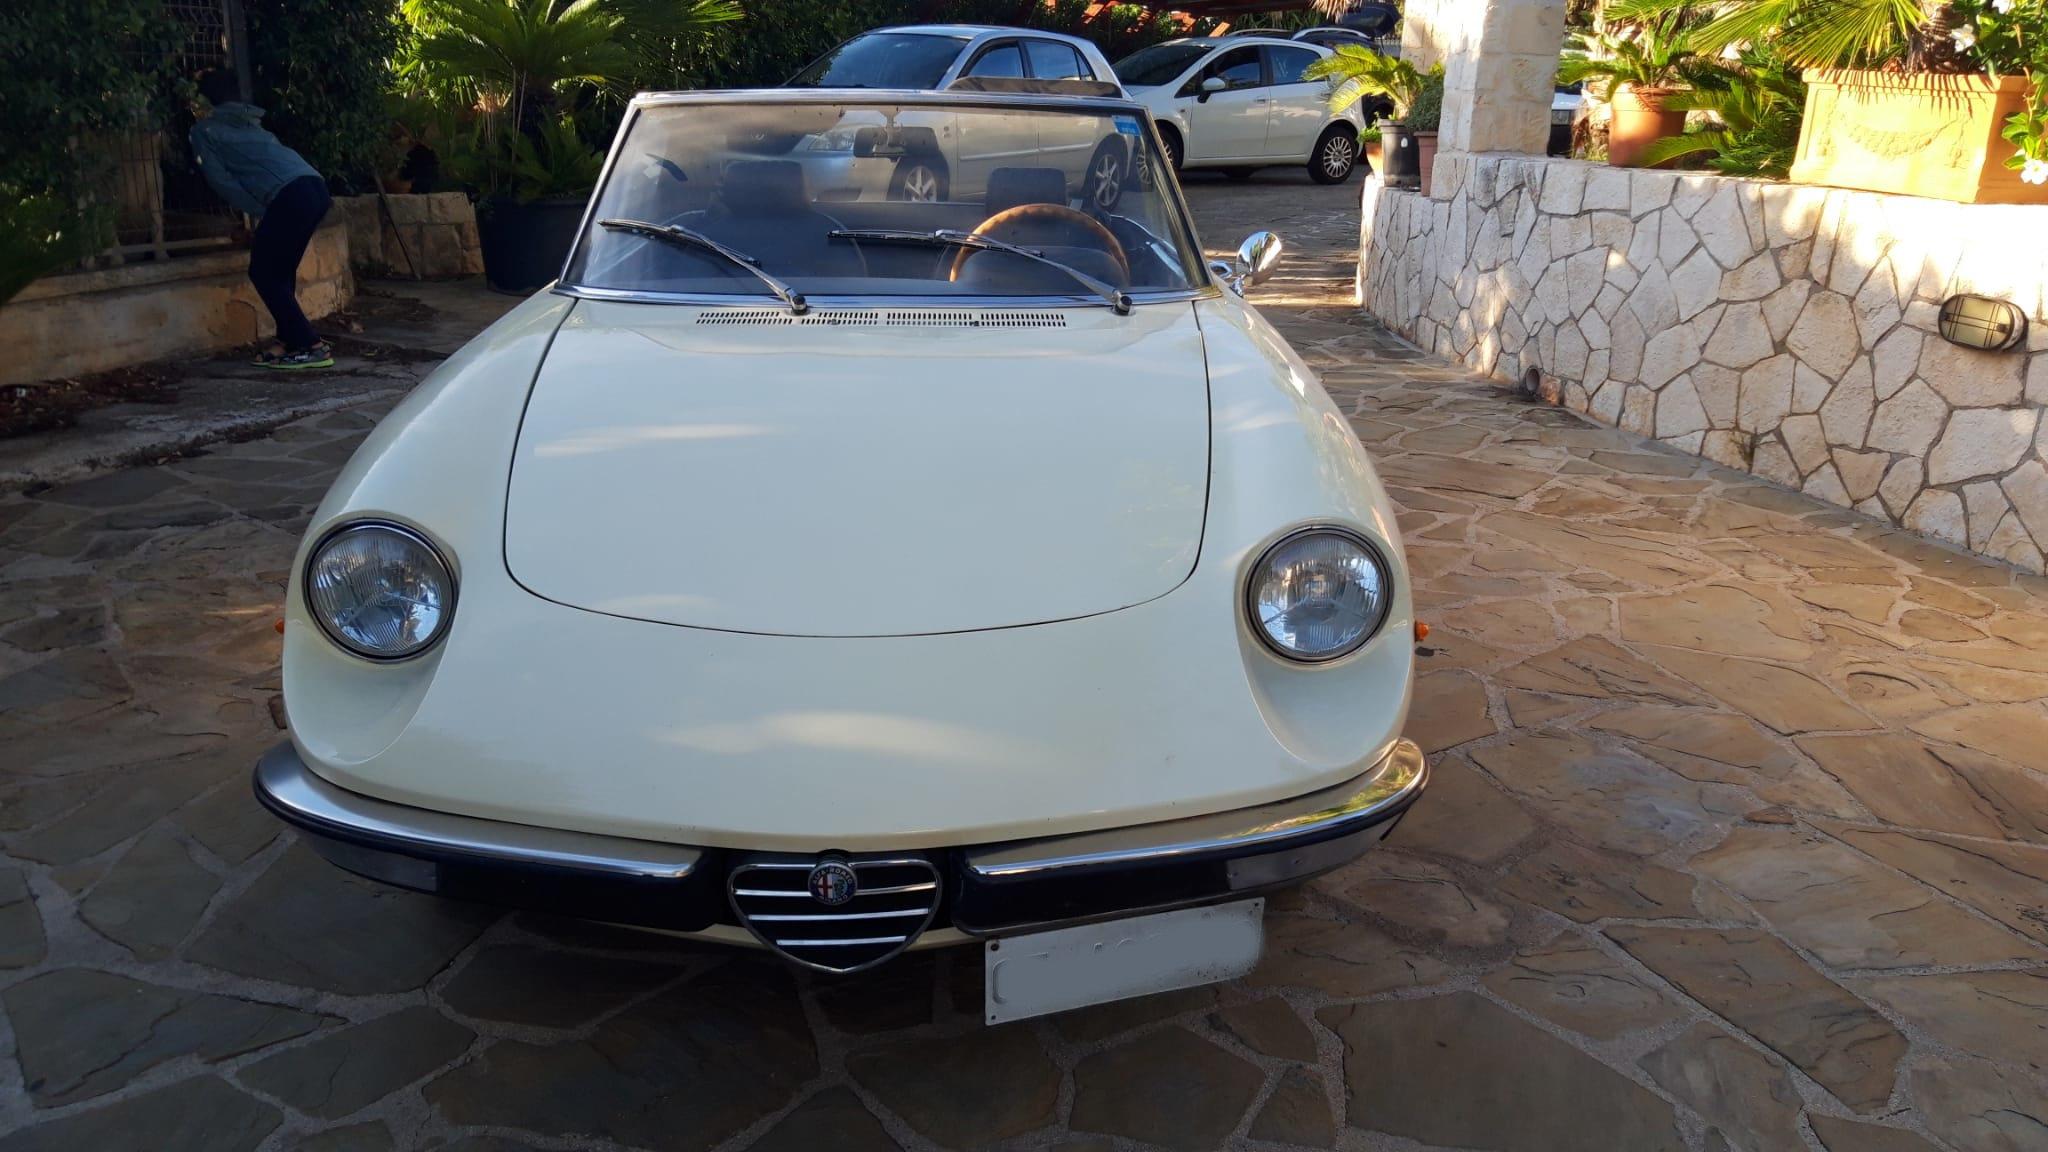 1976 Alfa Romeo Spider Duetto coda tronca 1300 For Sale (picture 2 of 9)